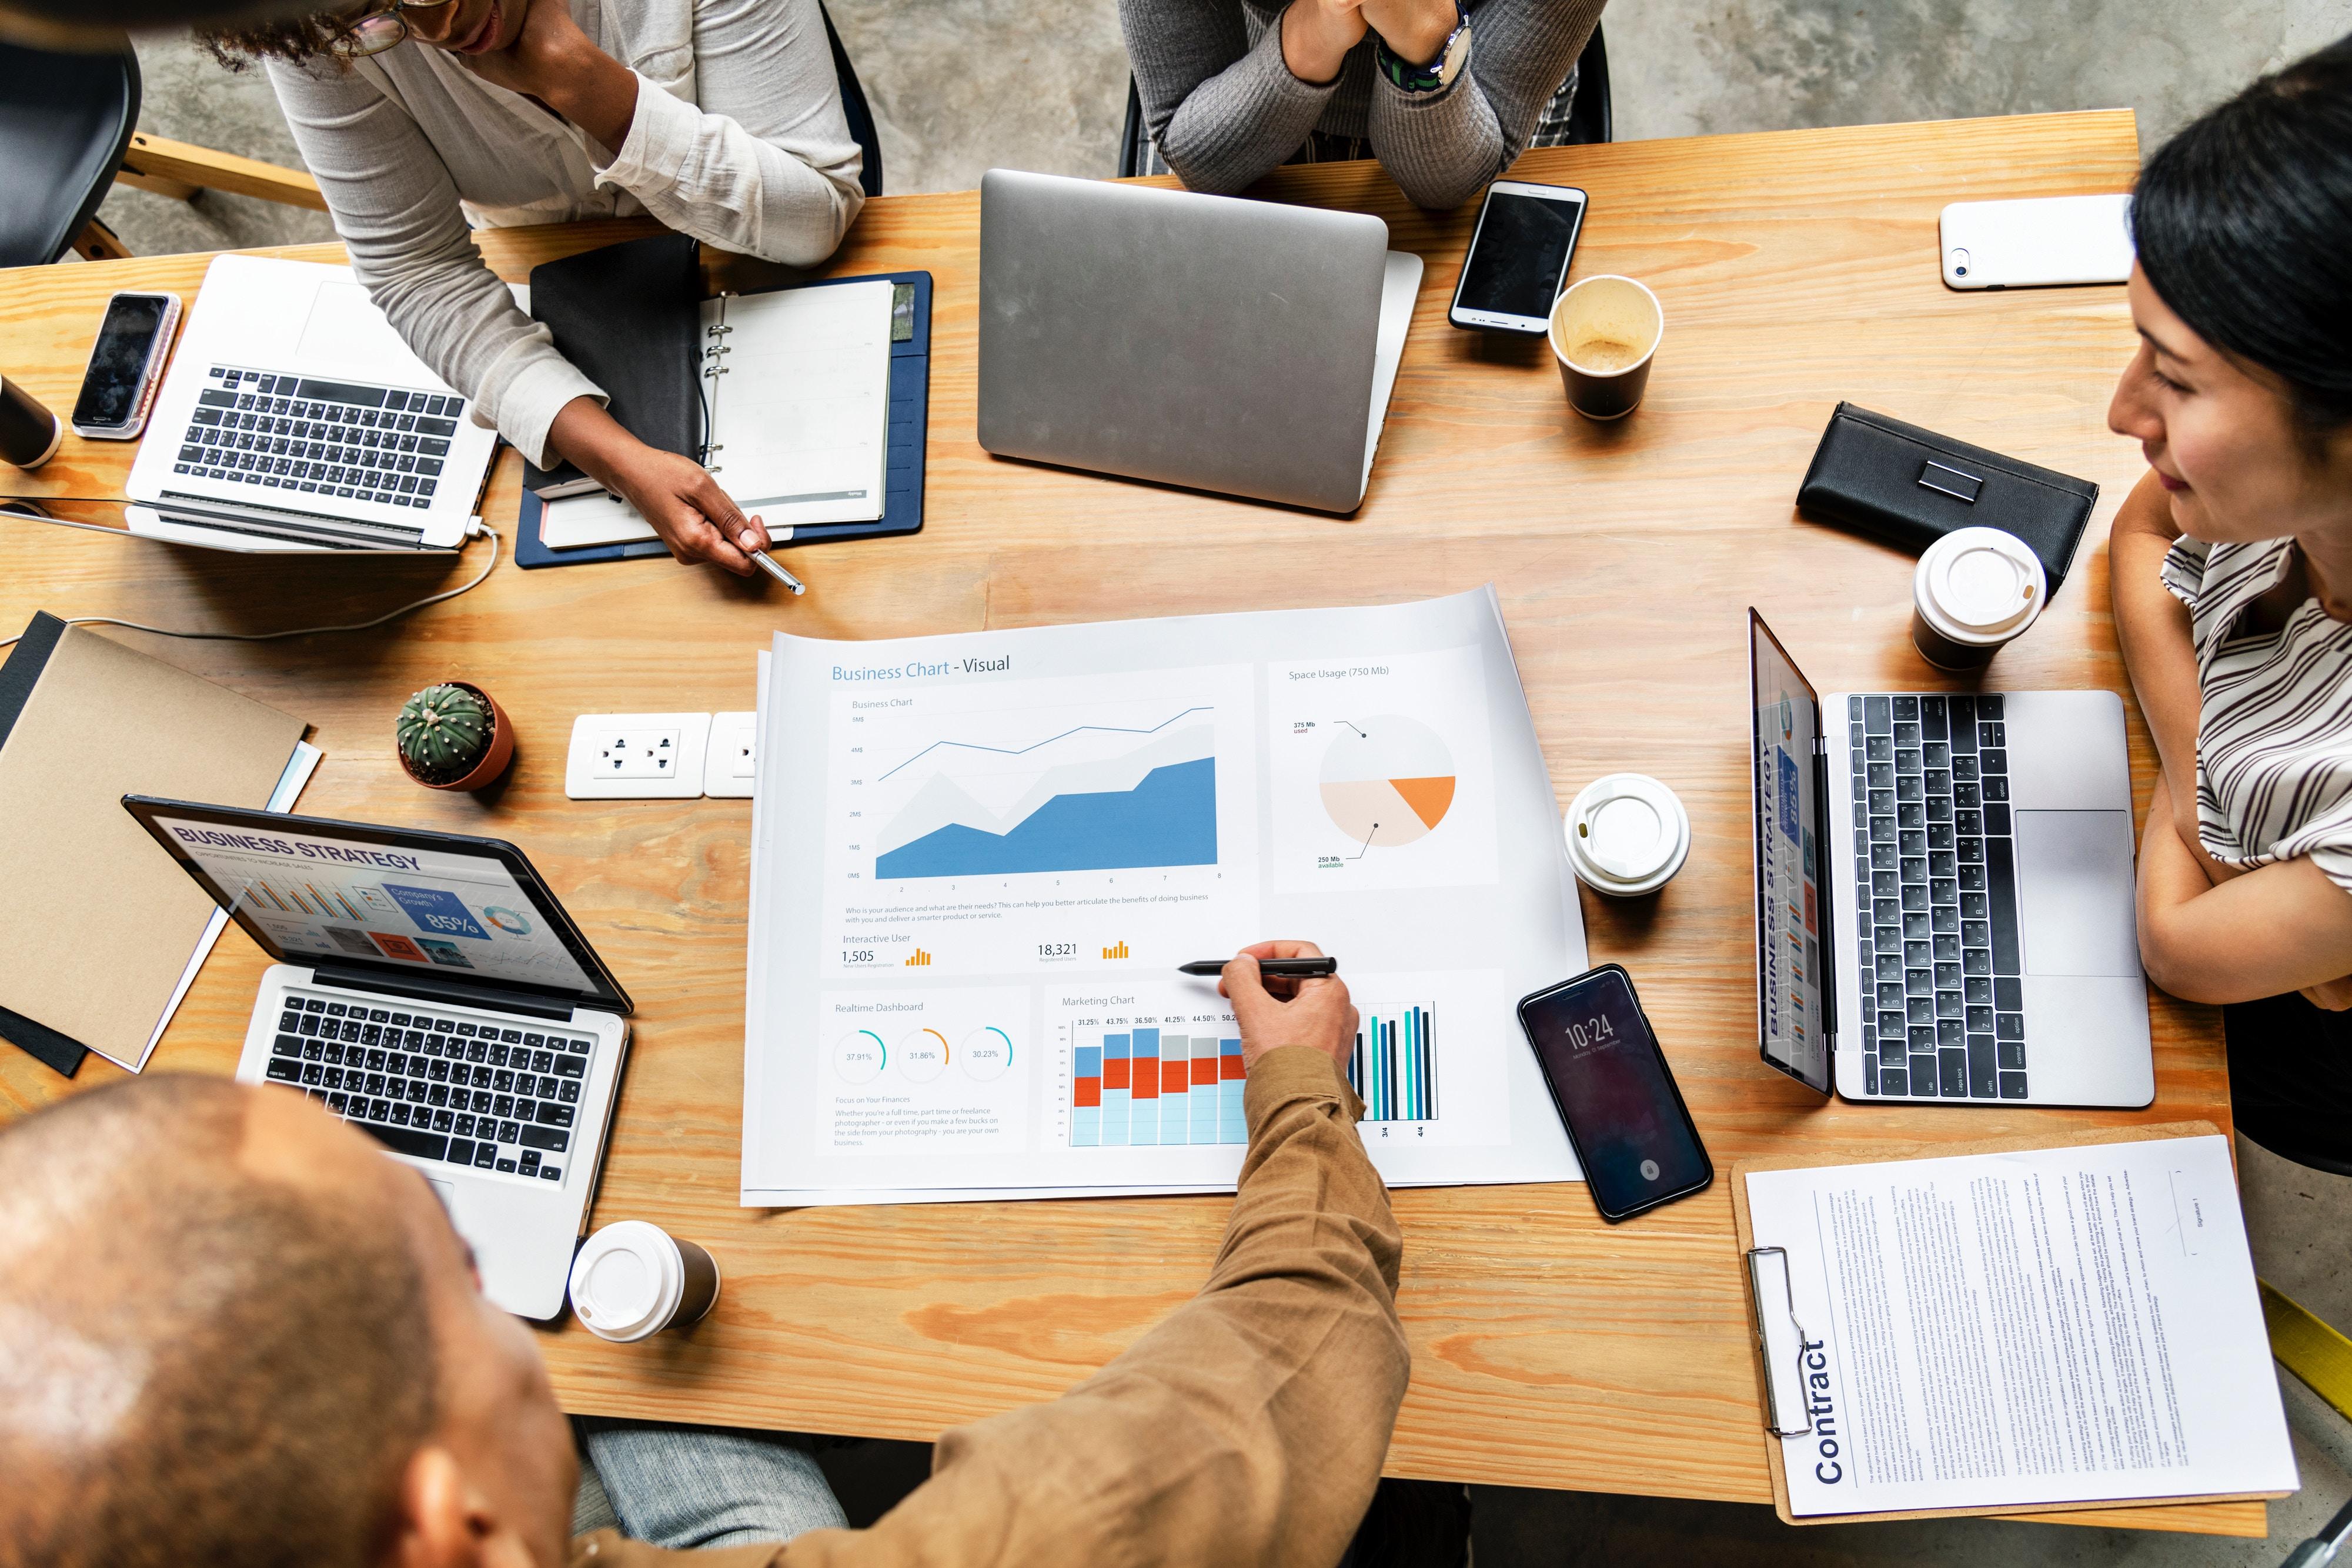 Science4Life Venture Cup, Businessplan-Wettbewerb, Gründerinitiative, Start-up, Start-ups, Ideenphase, Konzeptphase, Businessplanphase, Life Sciences, Chemie, Energie